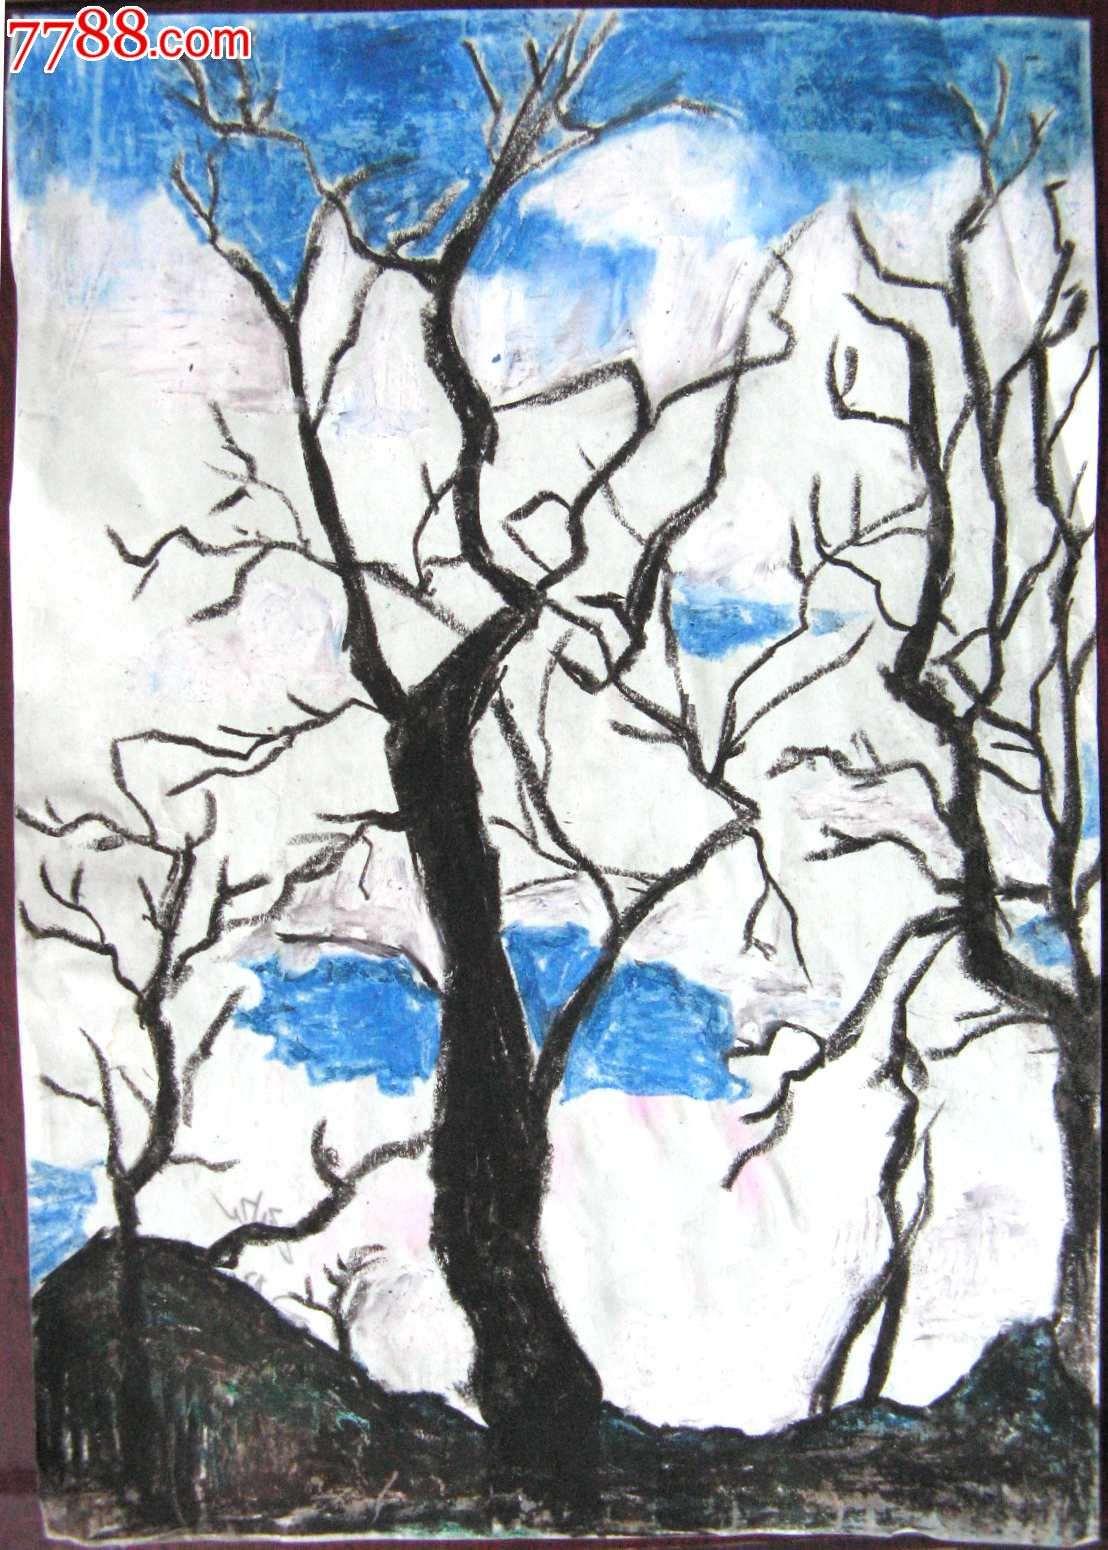 素描风景建筑画:树木